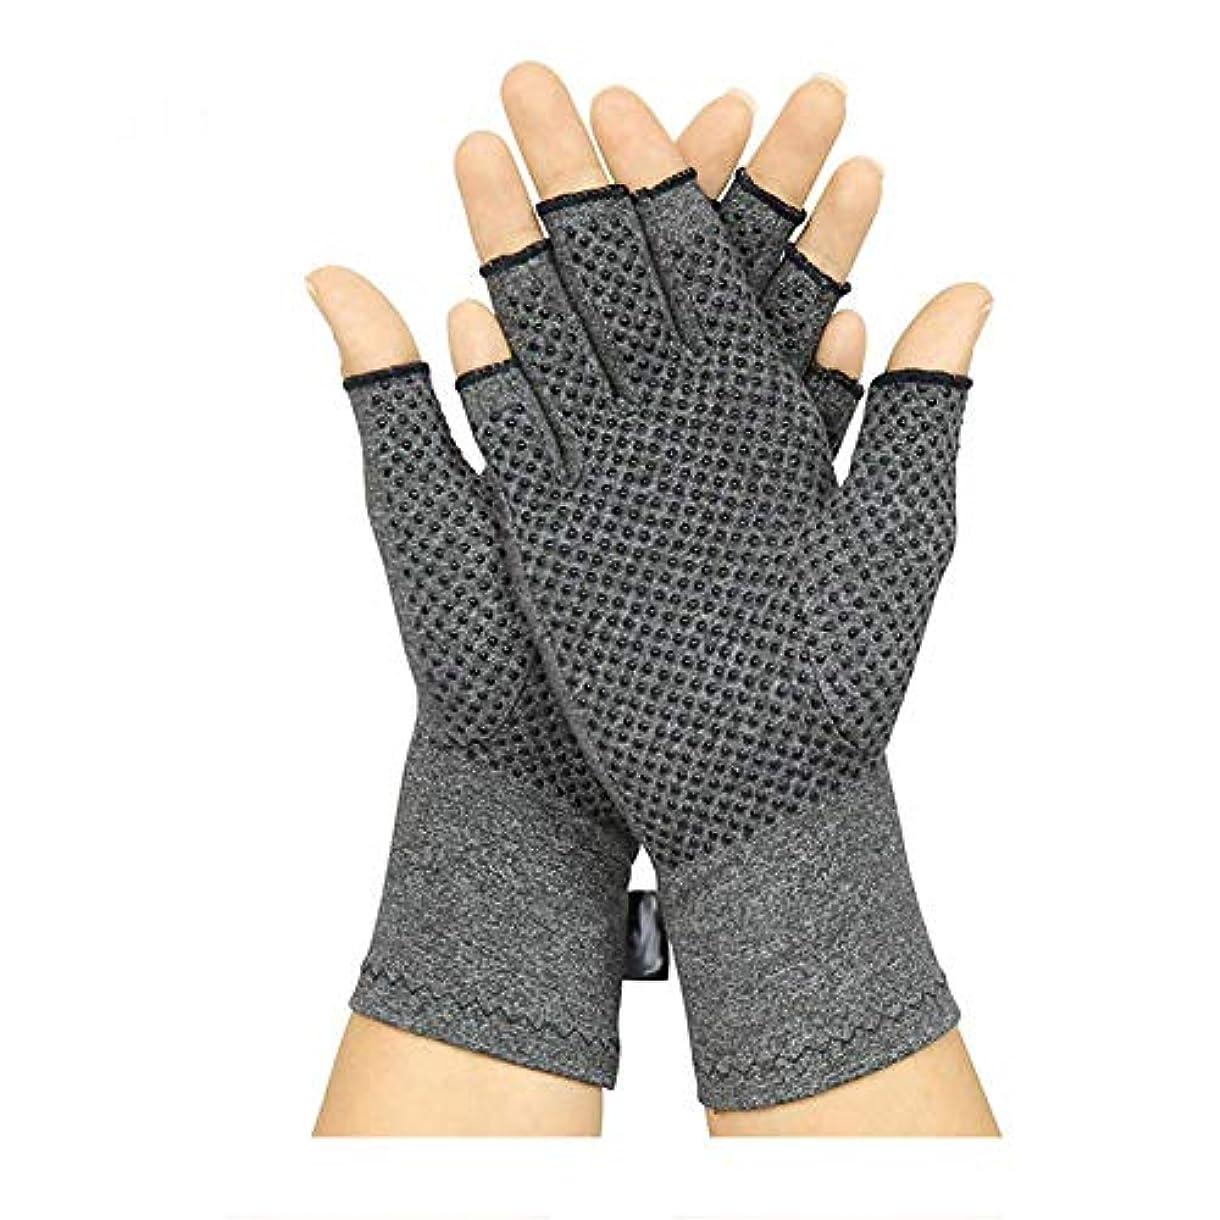 地上のナイロン利用可能関節炎手指圧迫手袋、半指手袋、関節炎の関節の痛みの軽減の毎日の使用、男性と女性の手根管(1ペア)、M